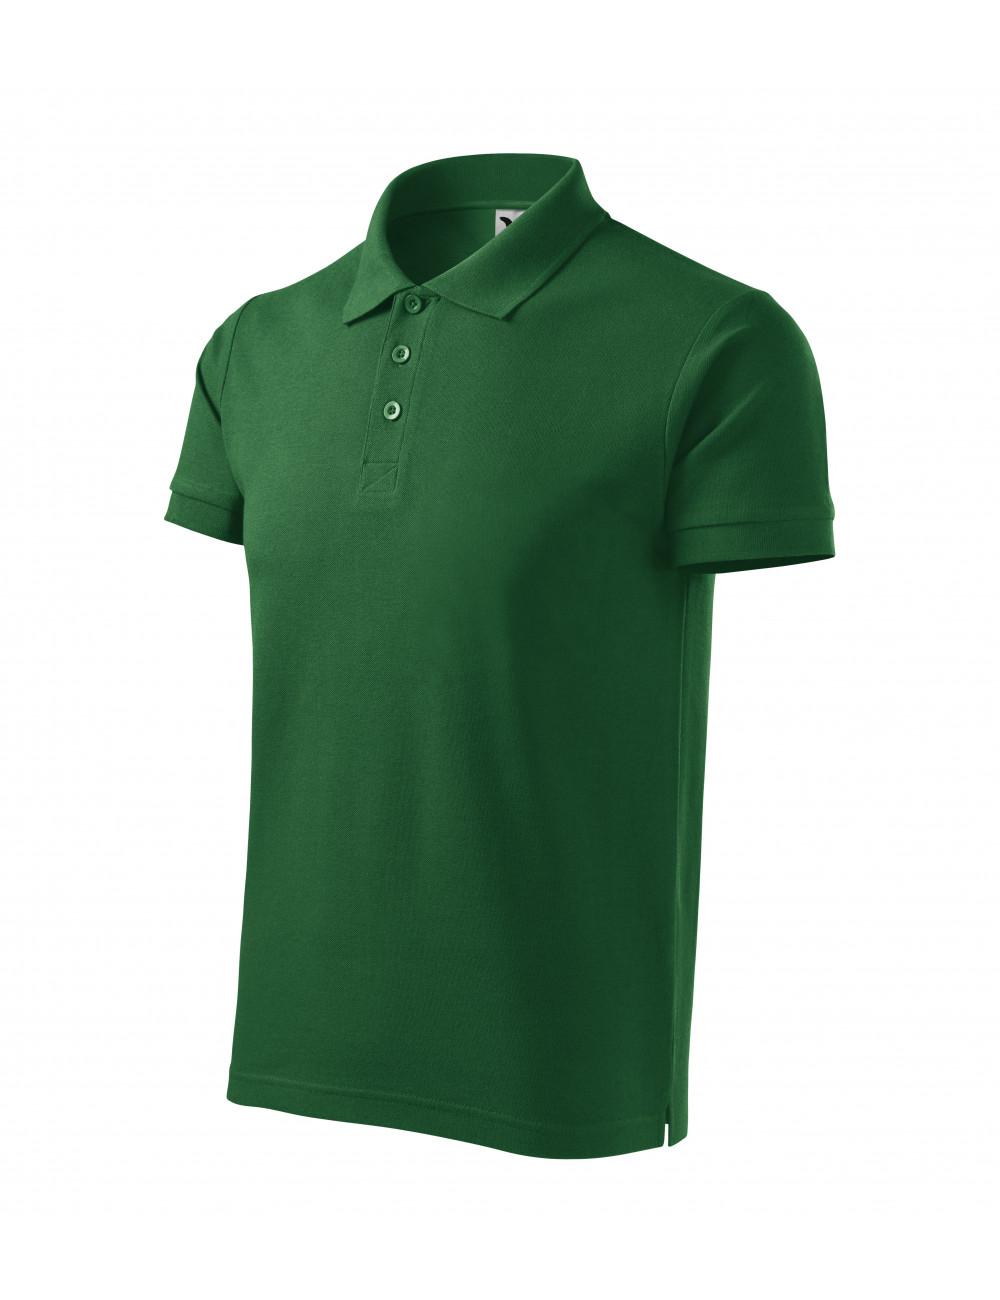 Adler MALFINI Koszulka polo męska Cotton Heavy 215 zieleń butelkowa